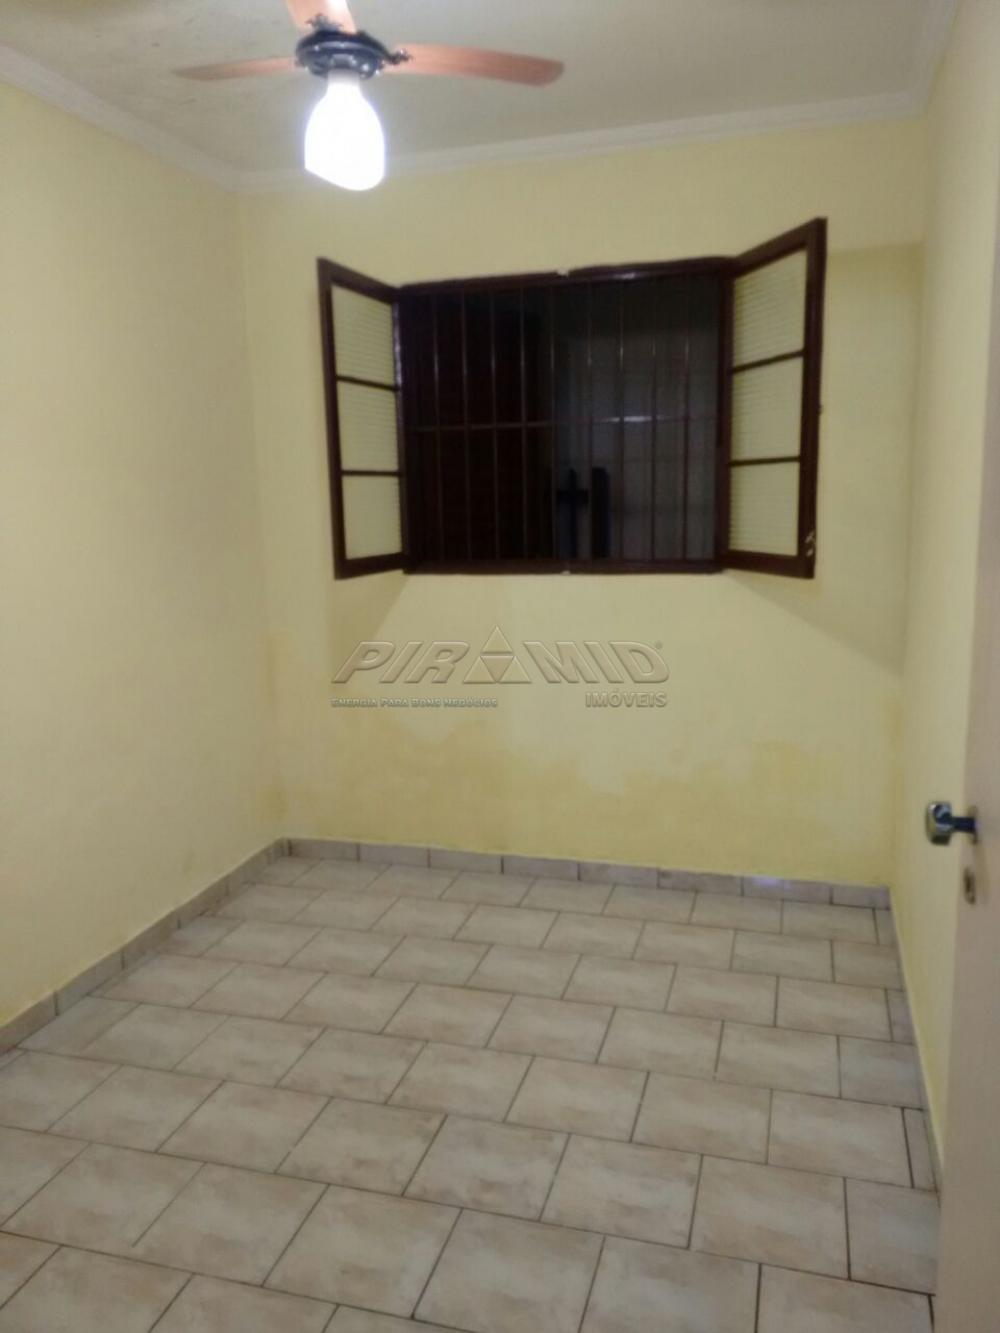 Comprar Casa / Padrão em Ribeirão Preto apenas R$ 210.000,00 - Foto 7